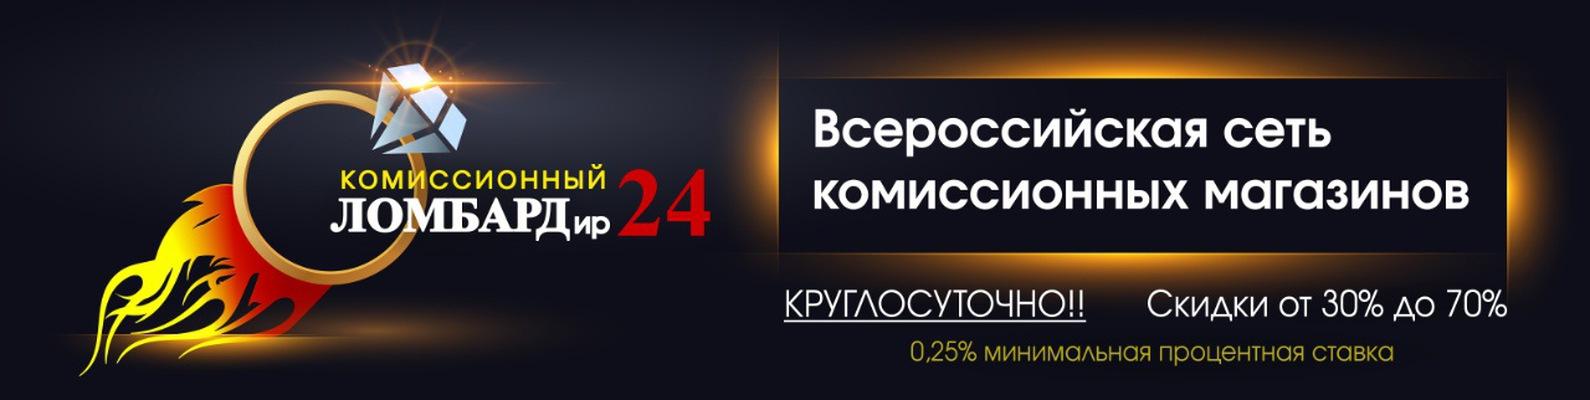 Комиссионный ЛОМБАРДир 24   ВКонтакте 6caf4481b66